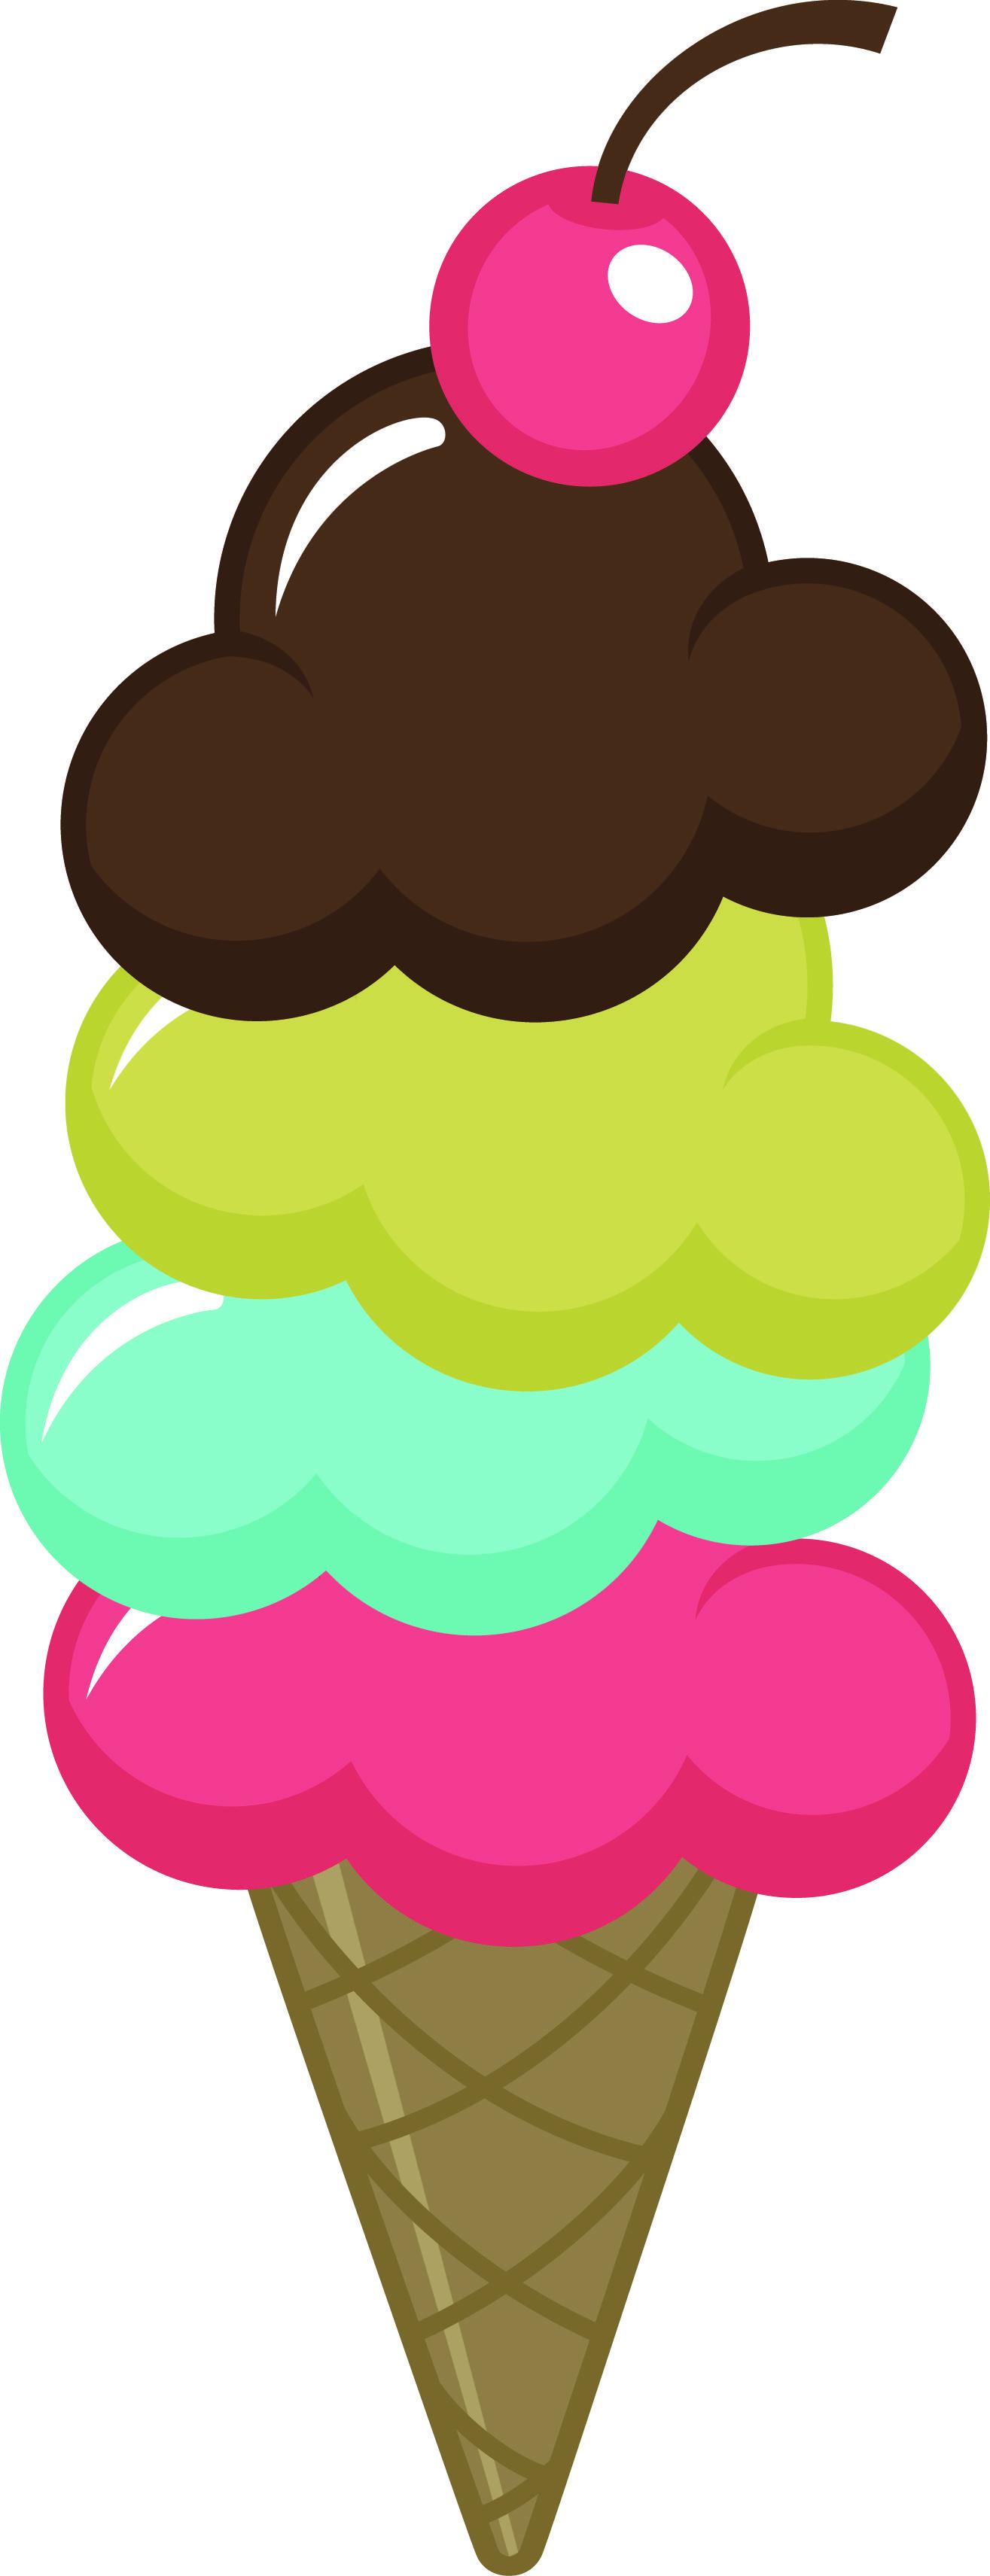 ice cream images clip art - photo #26